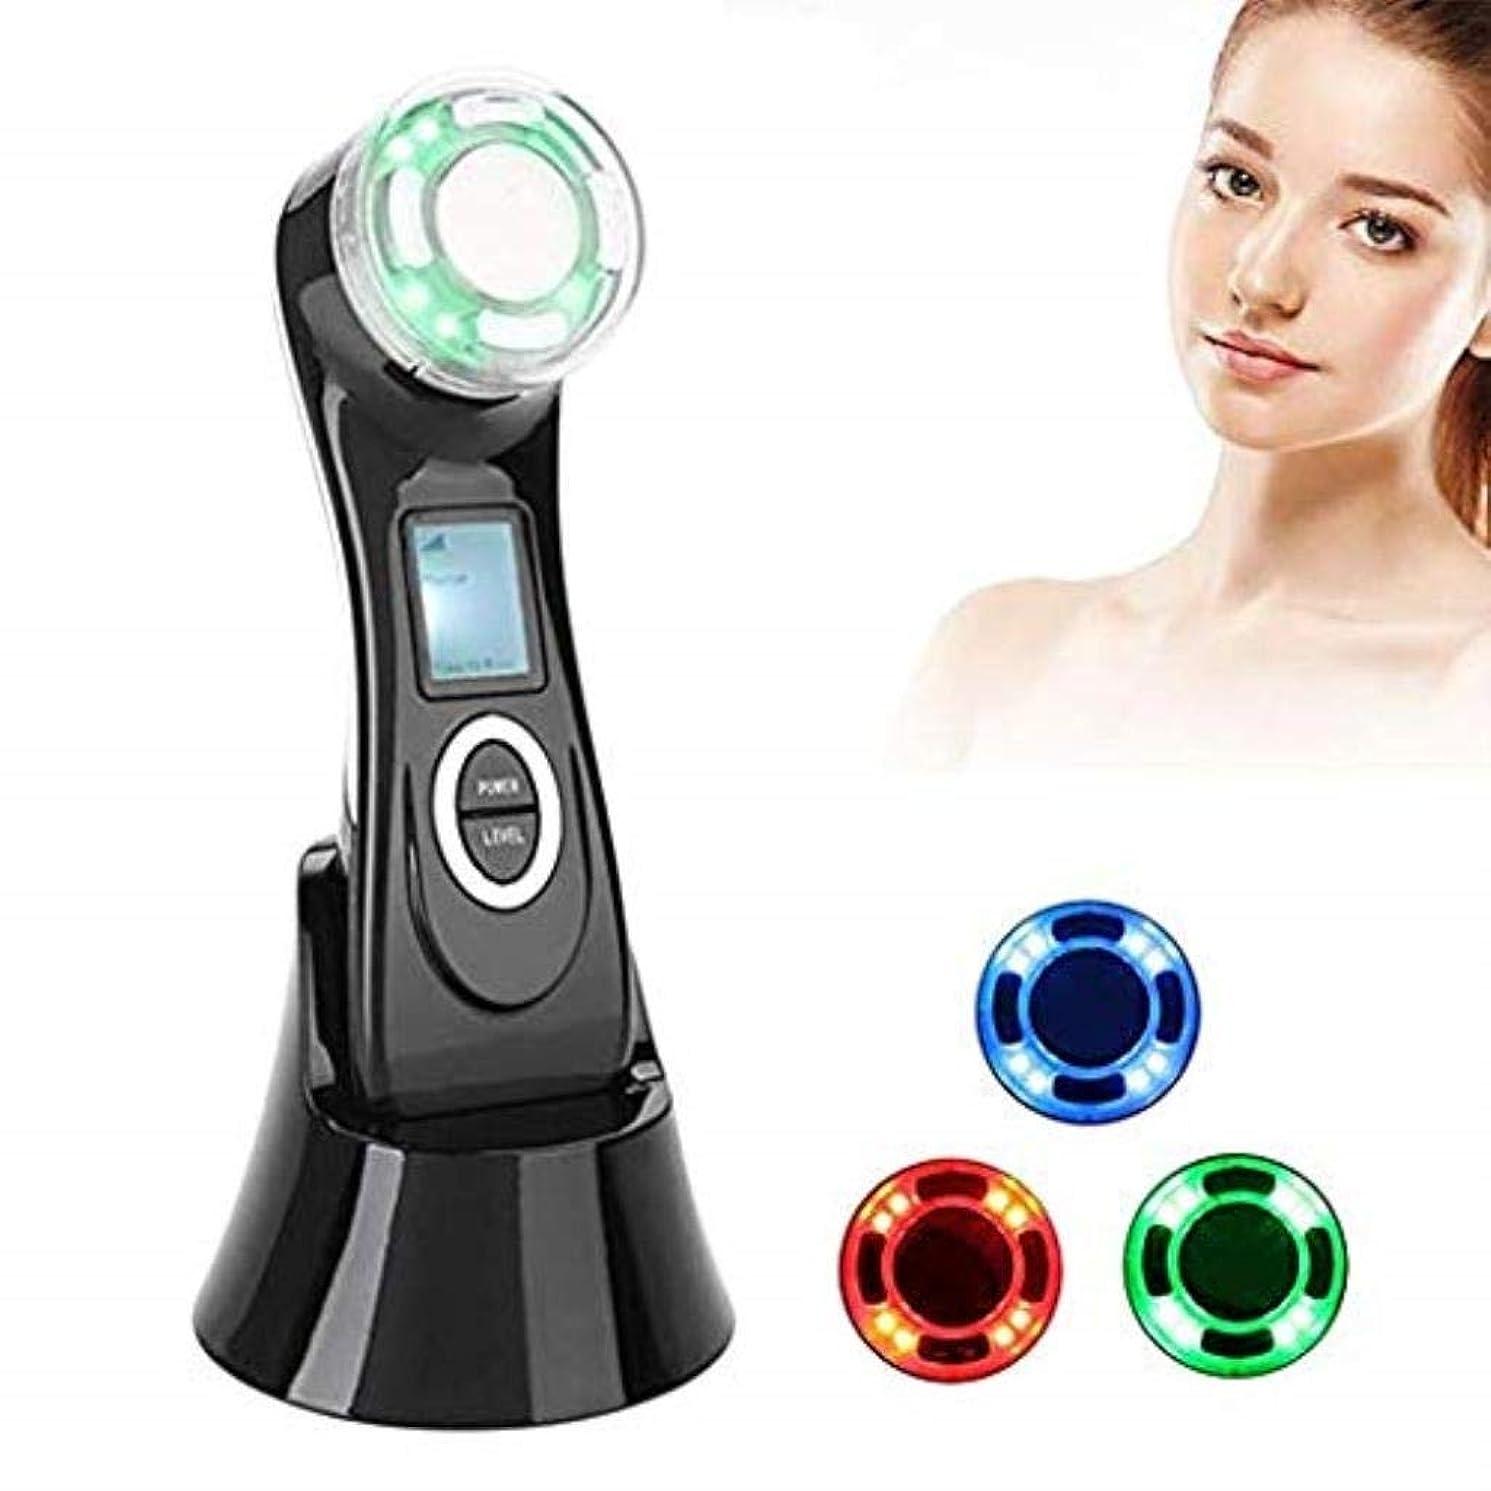 音治世びっくりするSDSDFSB 1つのしわの減少装置高周波RF LED EMSの美のマッサージャーの顔のマッサージャー5つ/持ち上がること/反老化/皮のきつく締まること/表面清潔になること/反アクネ マッサージャー